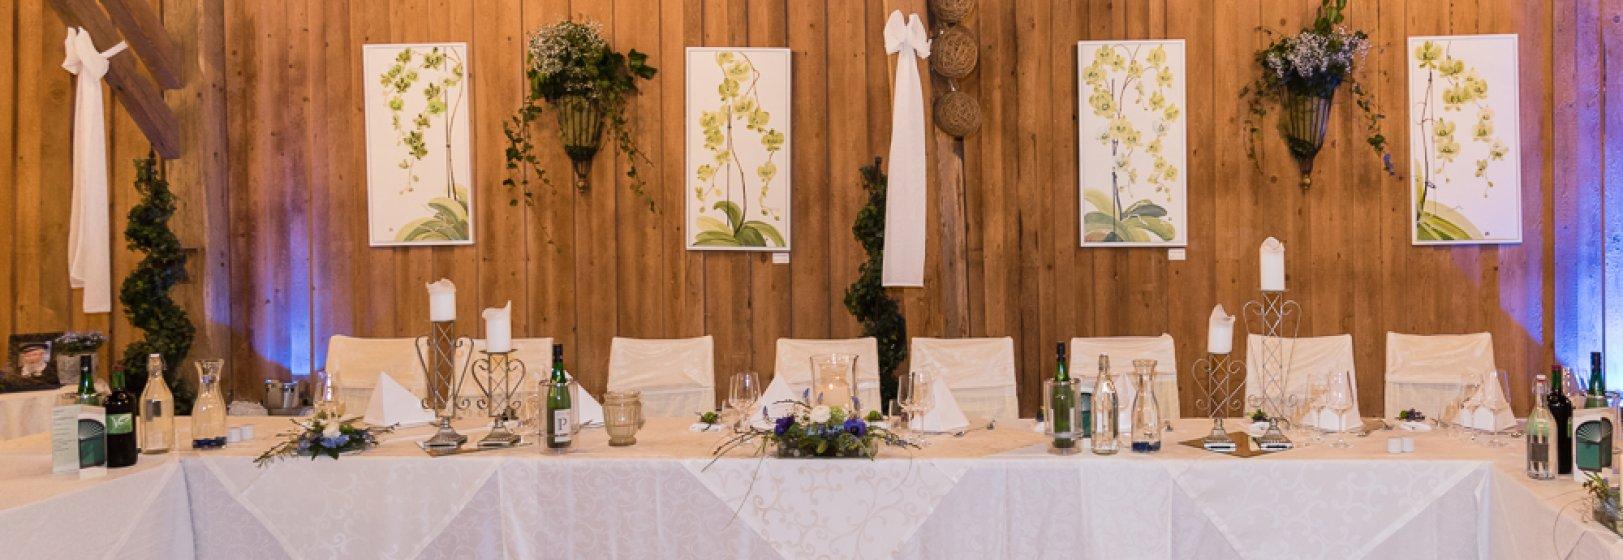 stadlerhof-wilhering_hochzeitslocation_eris-wedding_20180906130710988951